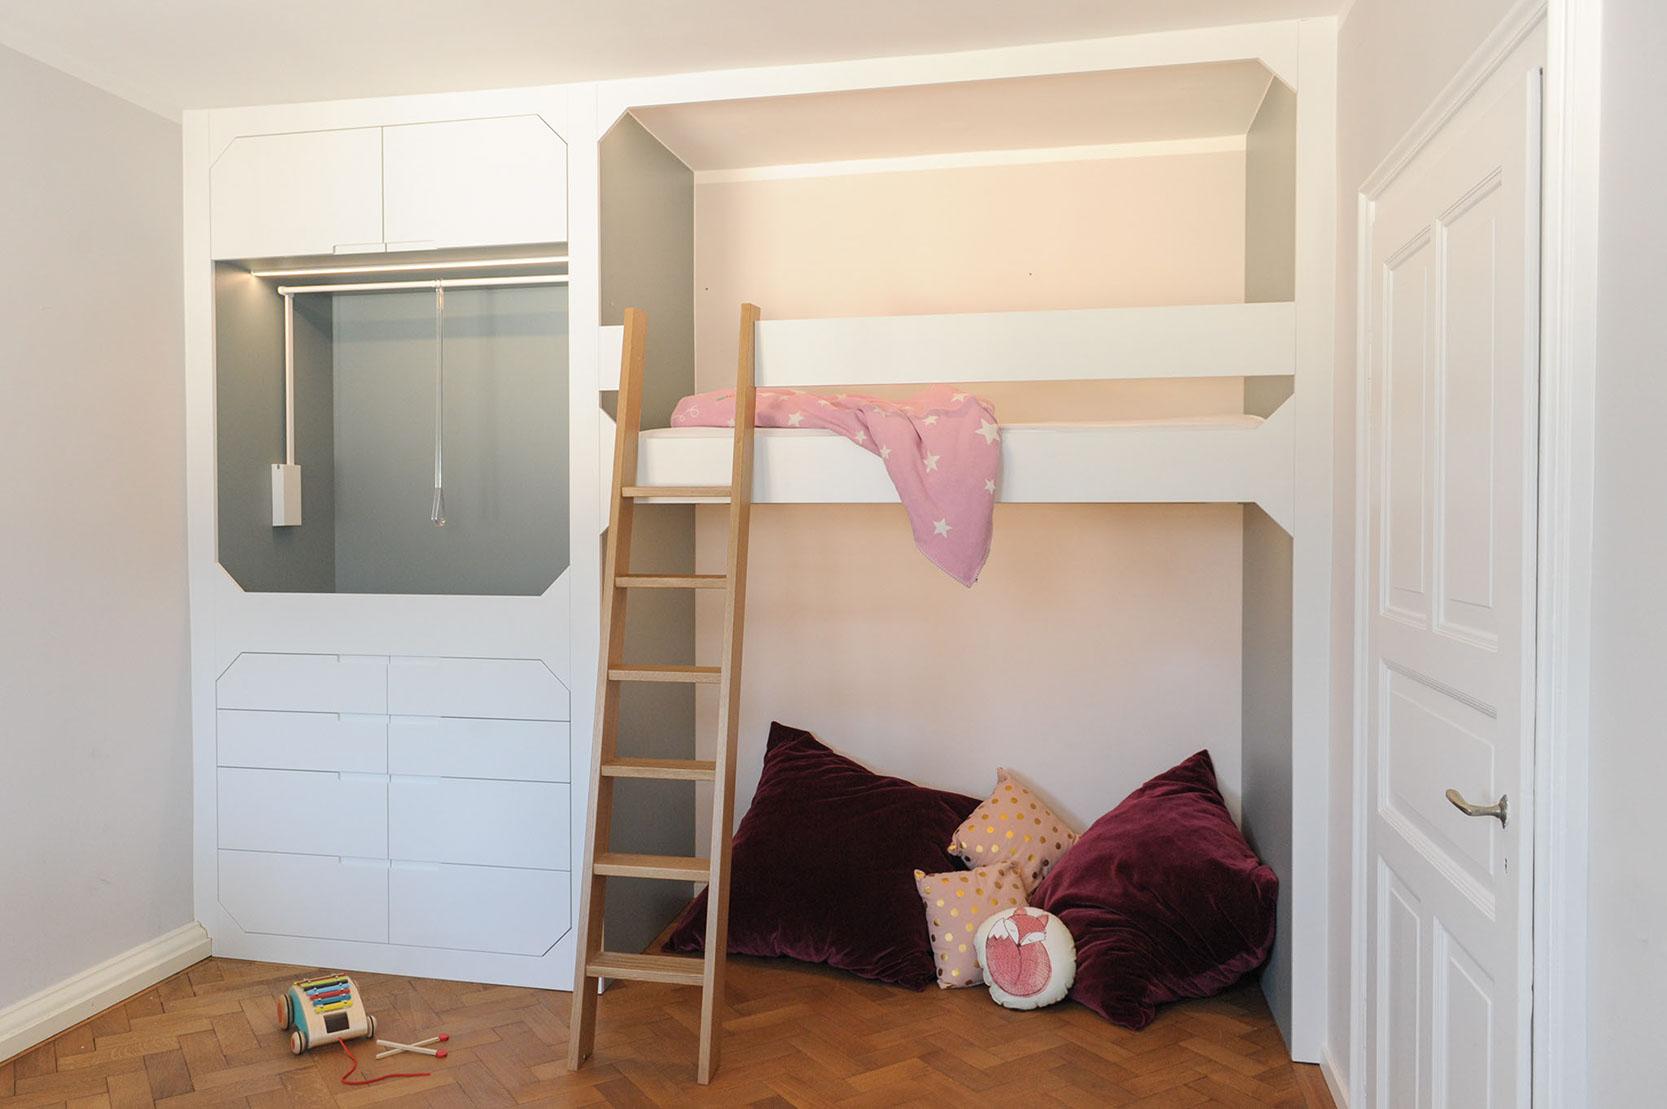 Full Size of Kinderzimmer Hochbett Schreinerei Teko Schreiner In Mnchen Sofa Regal Weiß Regale Kinderzimmer Kinderzimmer Hochbett